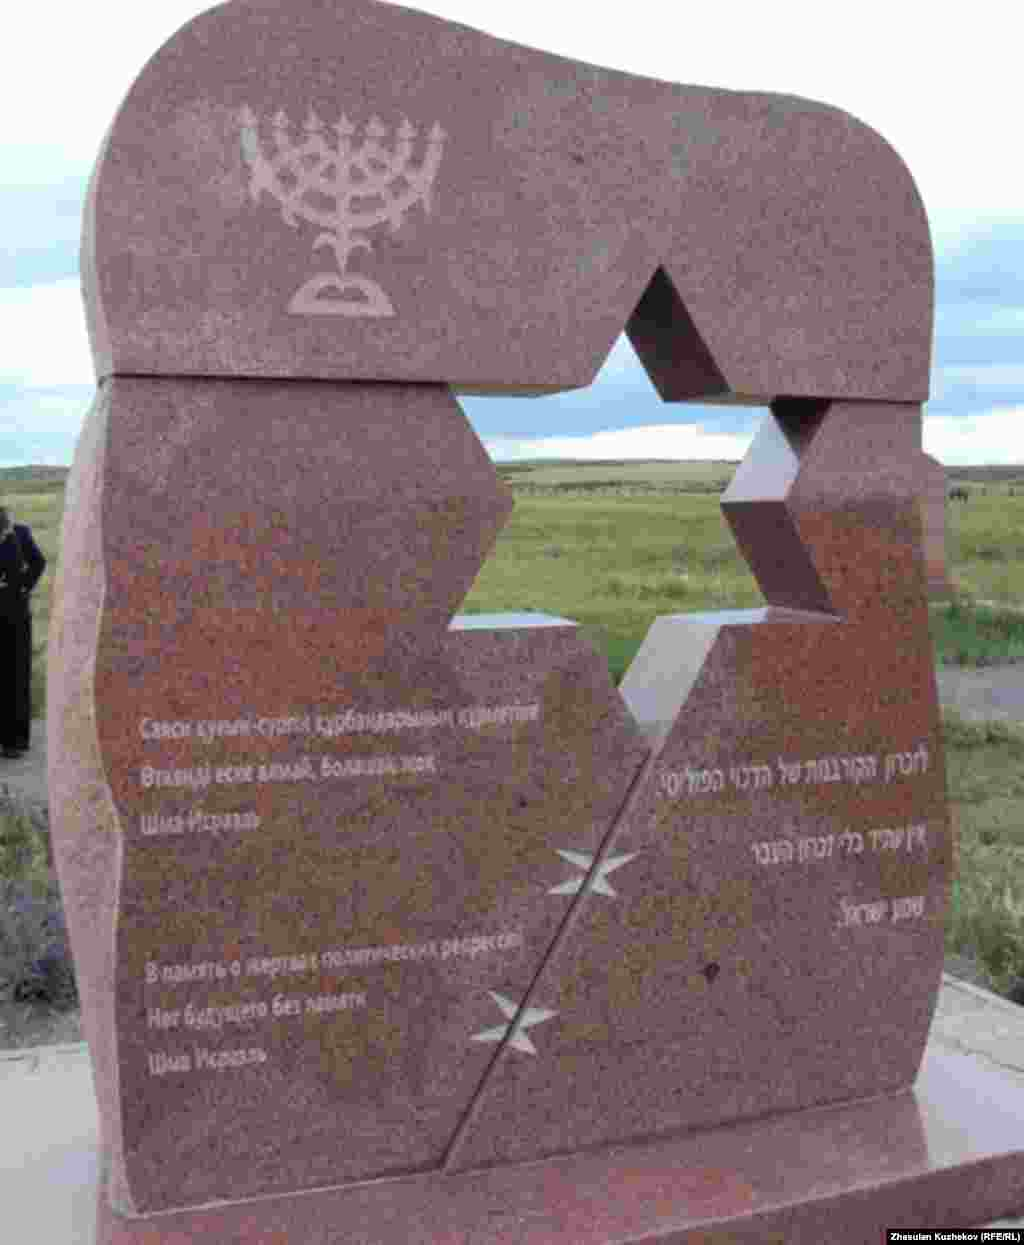 Памятник погибшим евреям на Спасском кладбище. Карагандинская область, 31 мая 2011 года. - Памятник погибшим евреям на Спасском кладбище. Карагандинская область, 31 мая 2011 года.